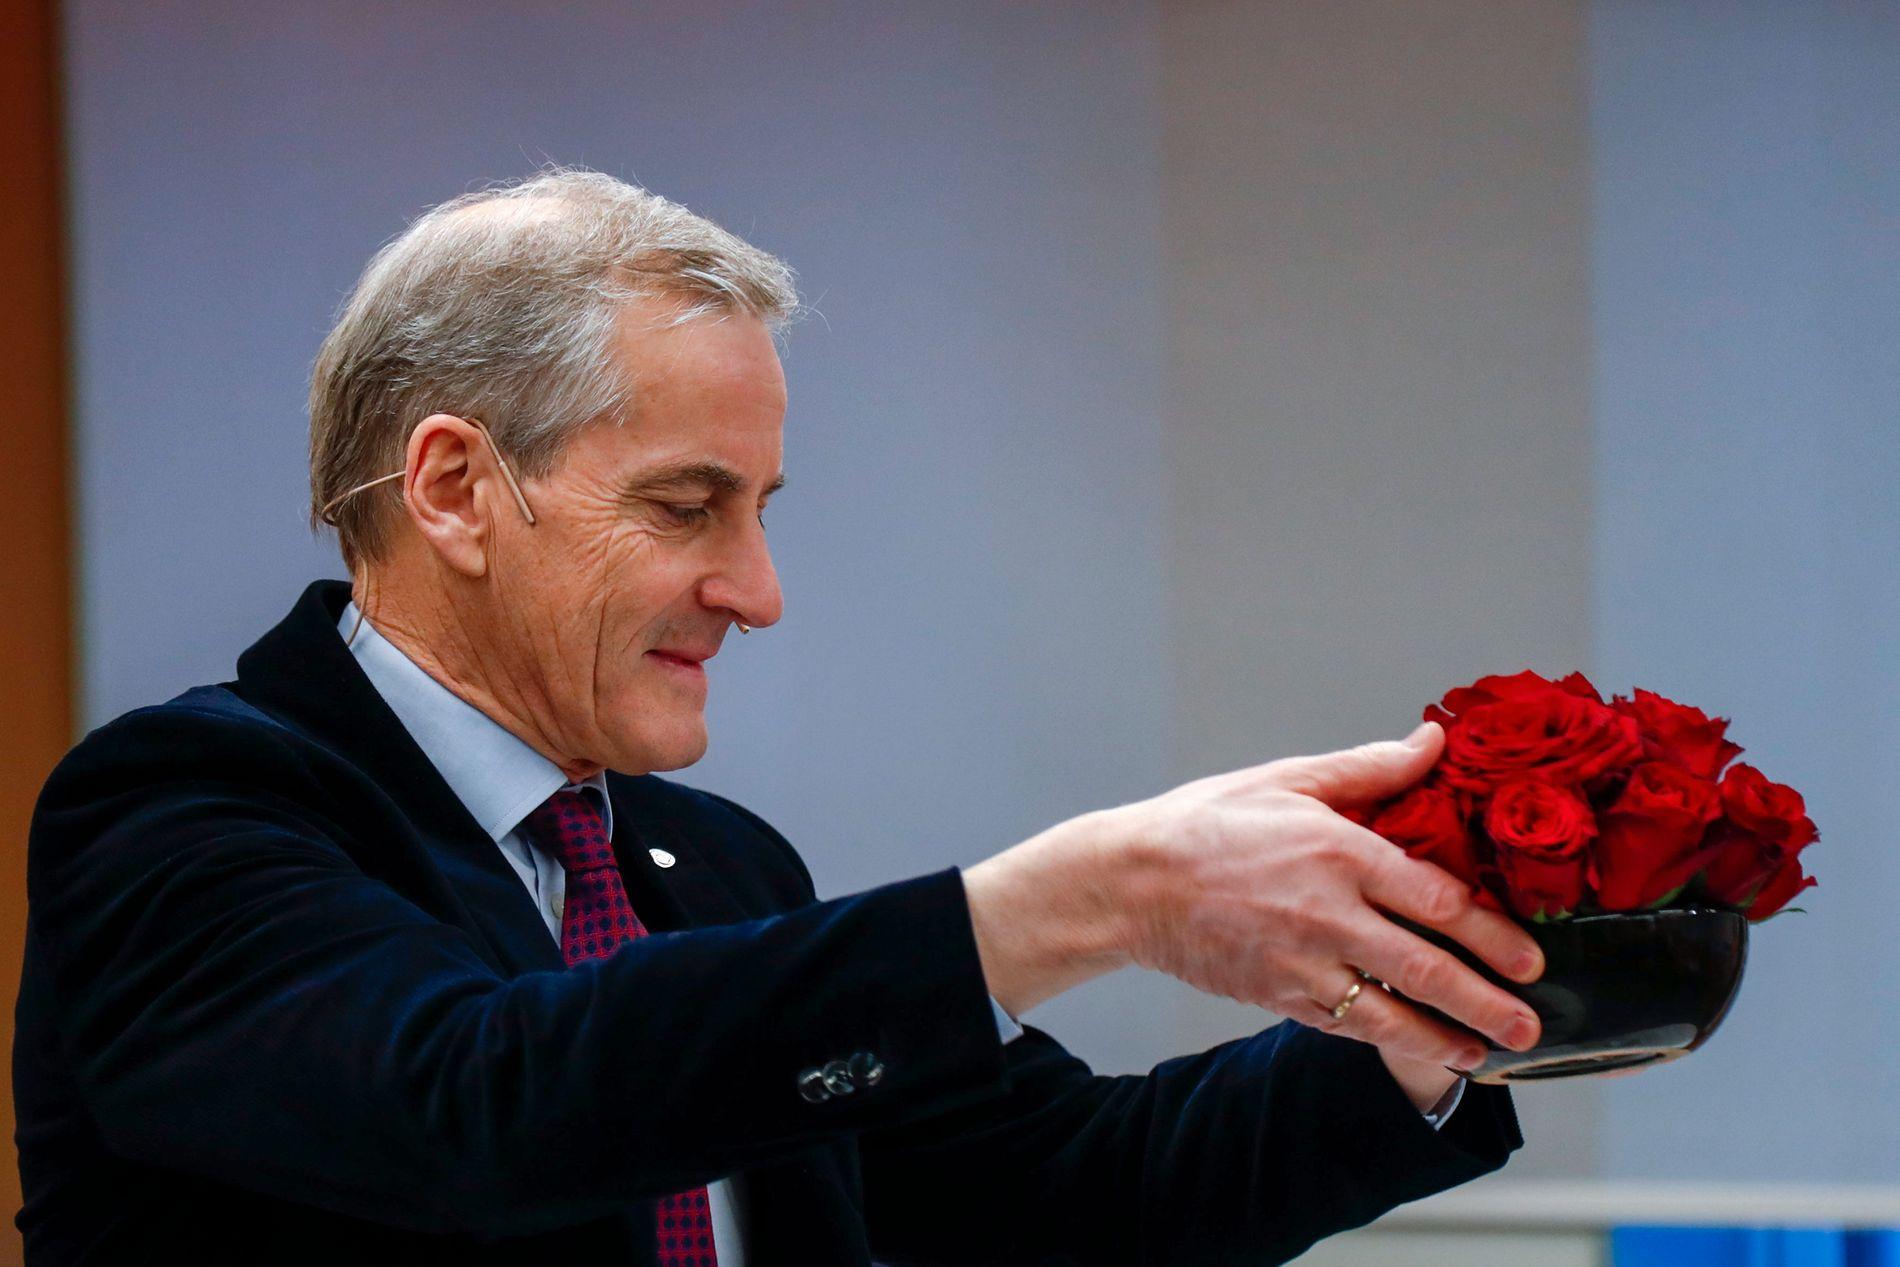 ABORT-VIRKNING: Ap-leder Jonas Gahr Støre advarer mot en stikk motsatt virkning av endringene i abortloven som Erna Solberg har åpnet for. Her flytter han på blomsterpynten på sin pressekonferanse torsdag formiddag.